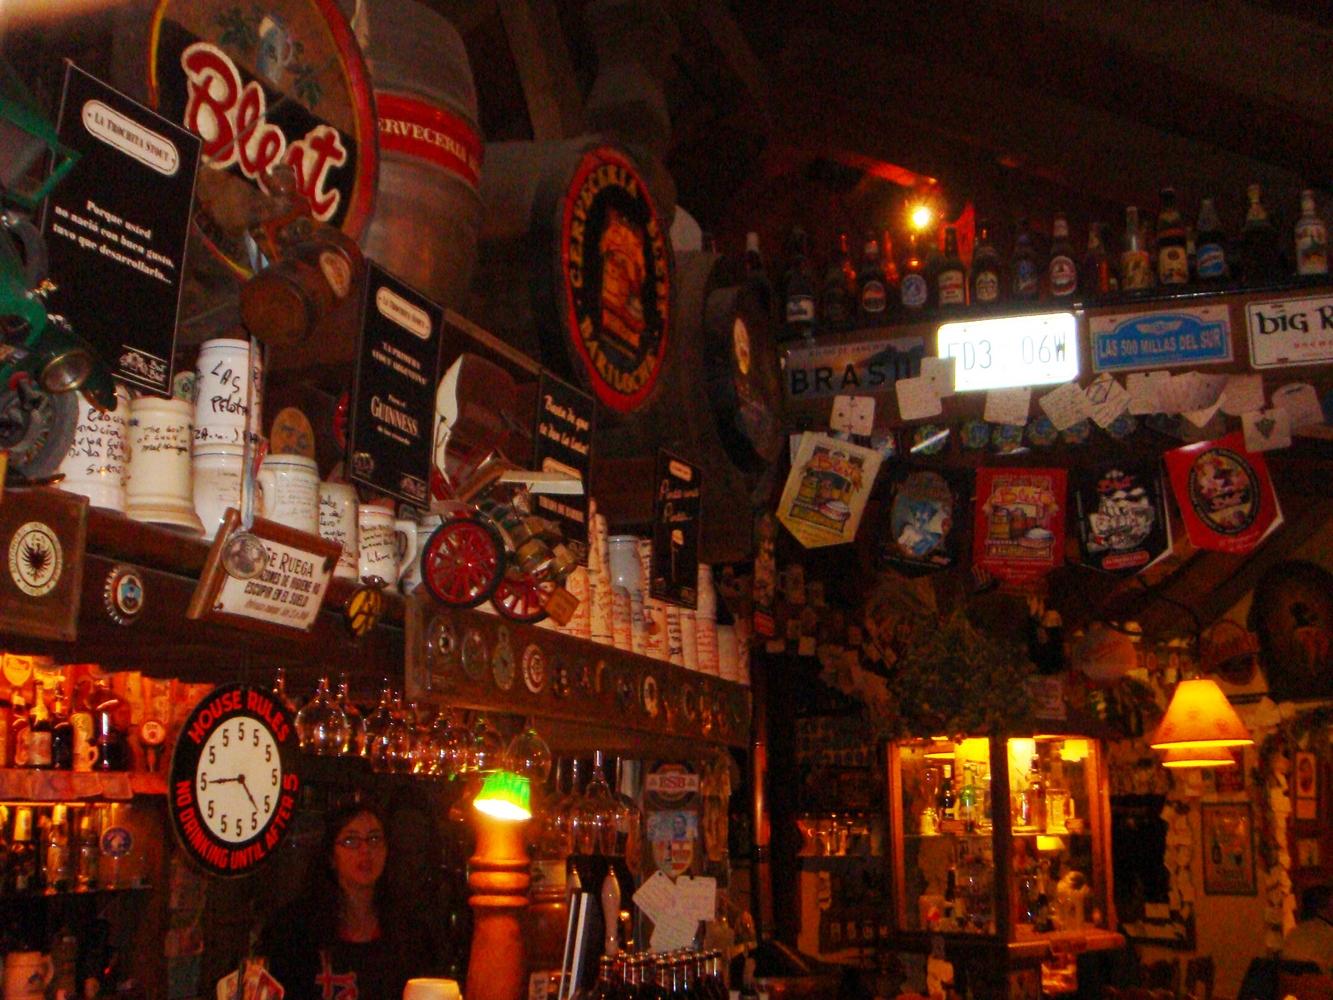 Cervecería Blest - Bariloche